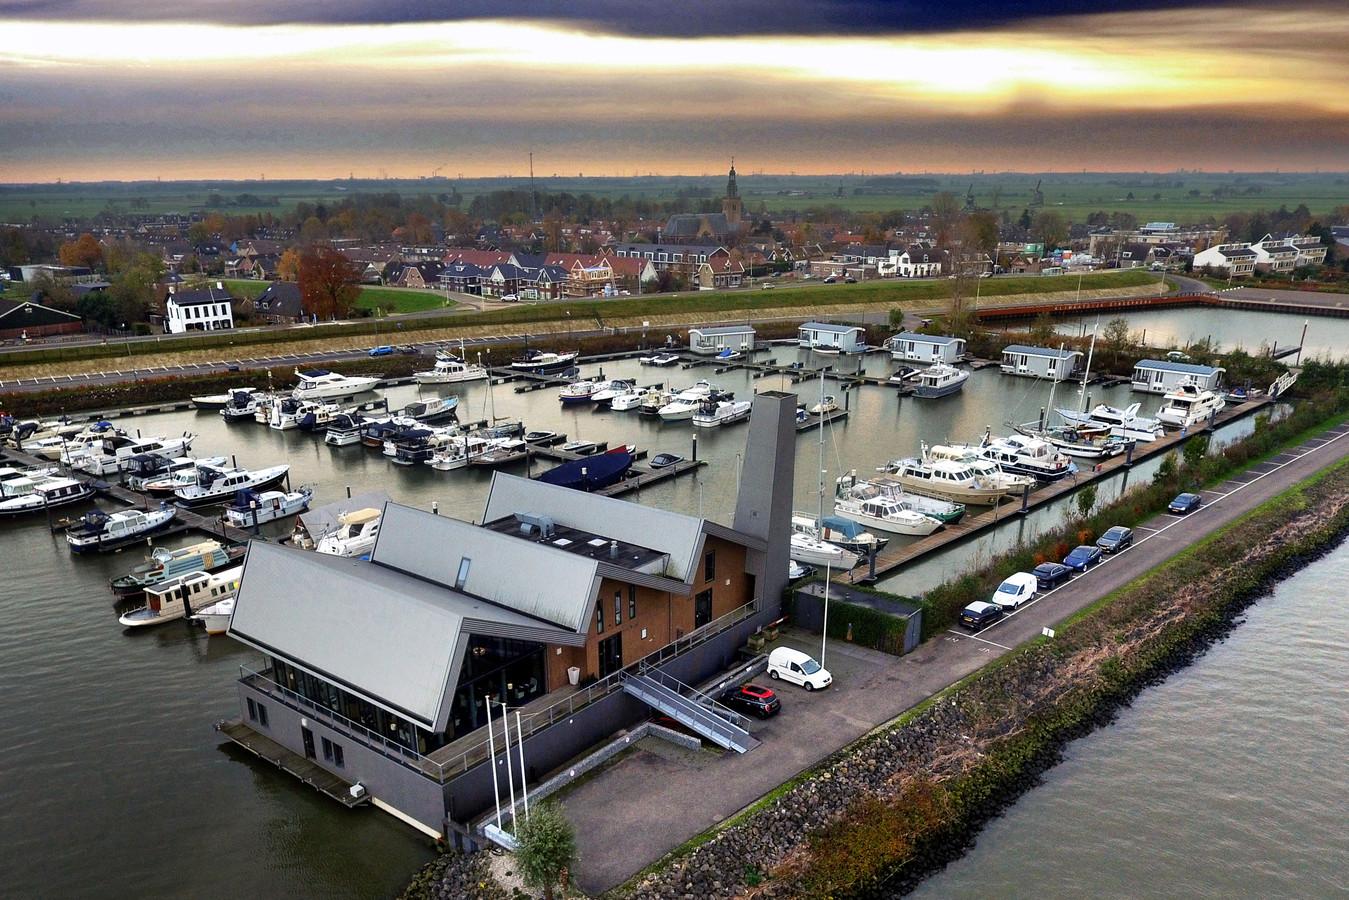 De voormalige Limonadefabriek in de haven van Streefkerk.